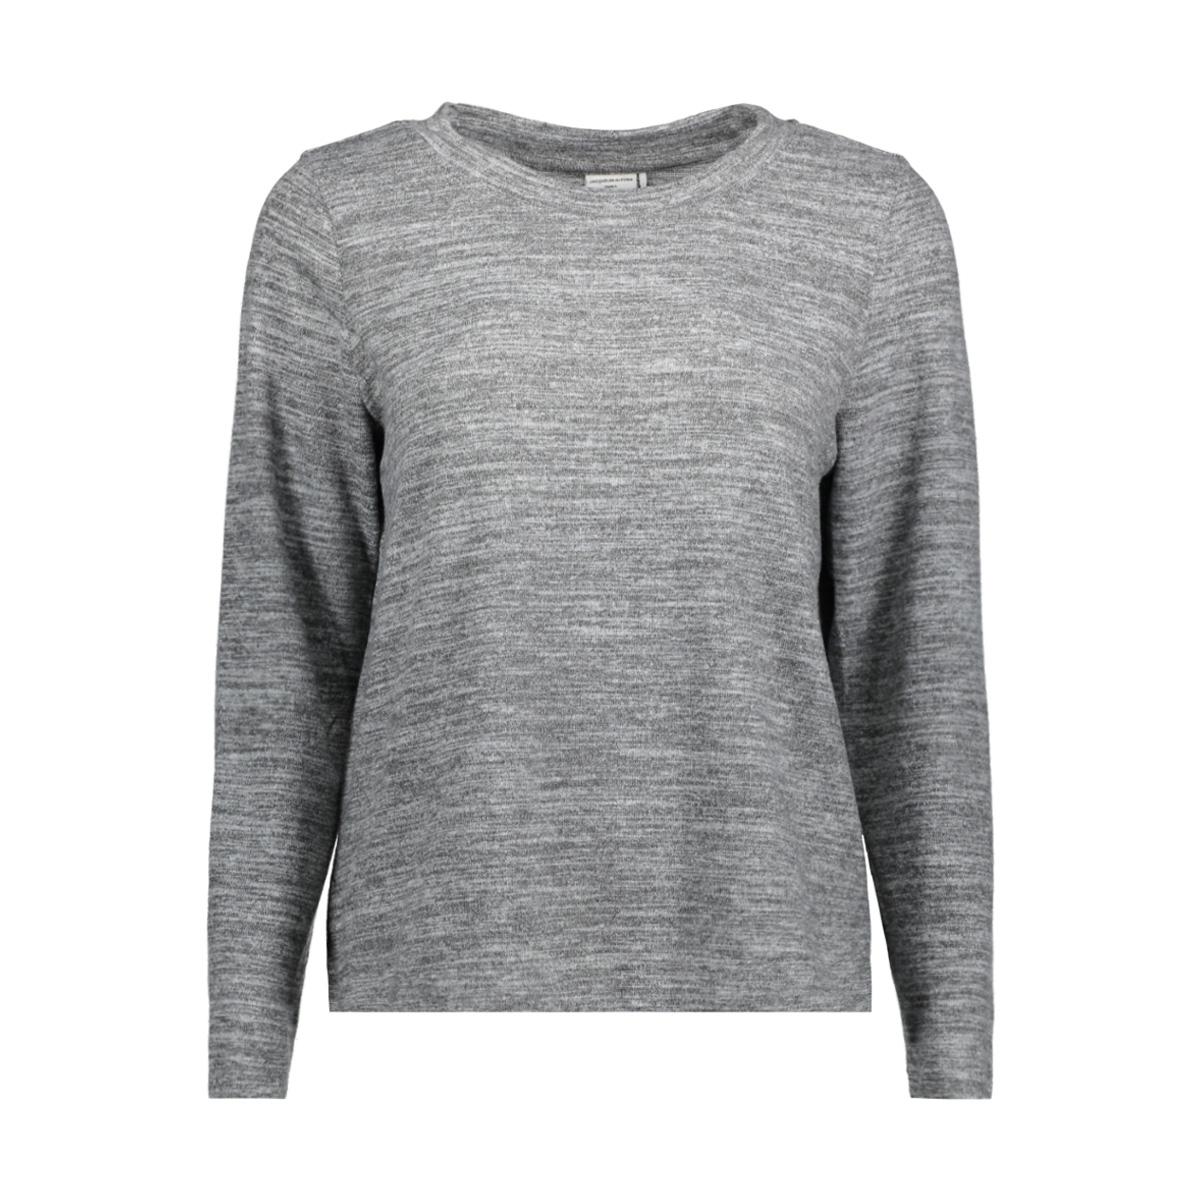 jdysorry l/s pullover jrs 15142872 jacqueline de yong trui light grey melange